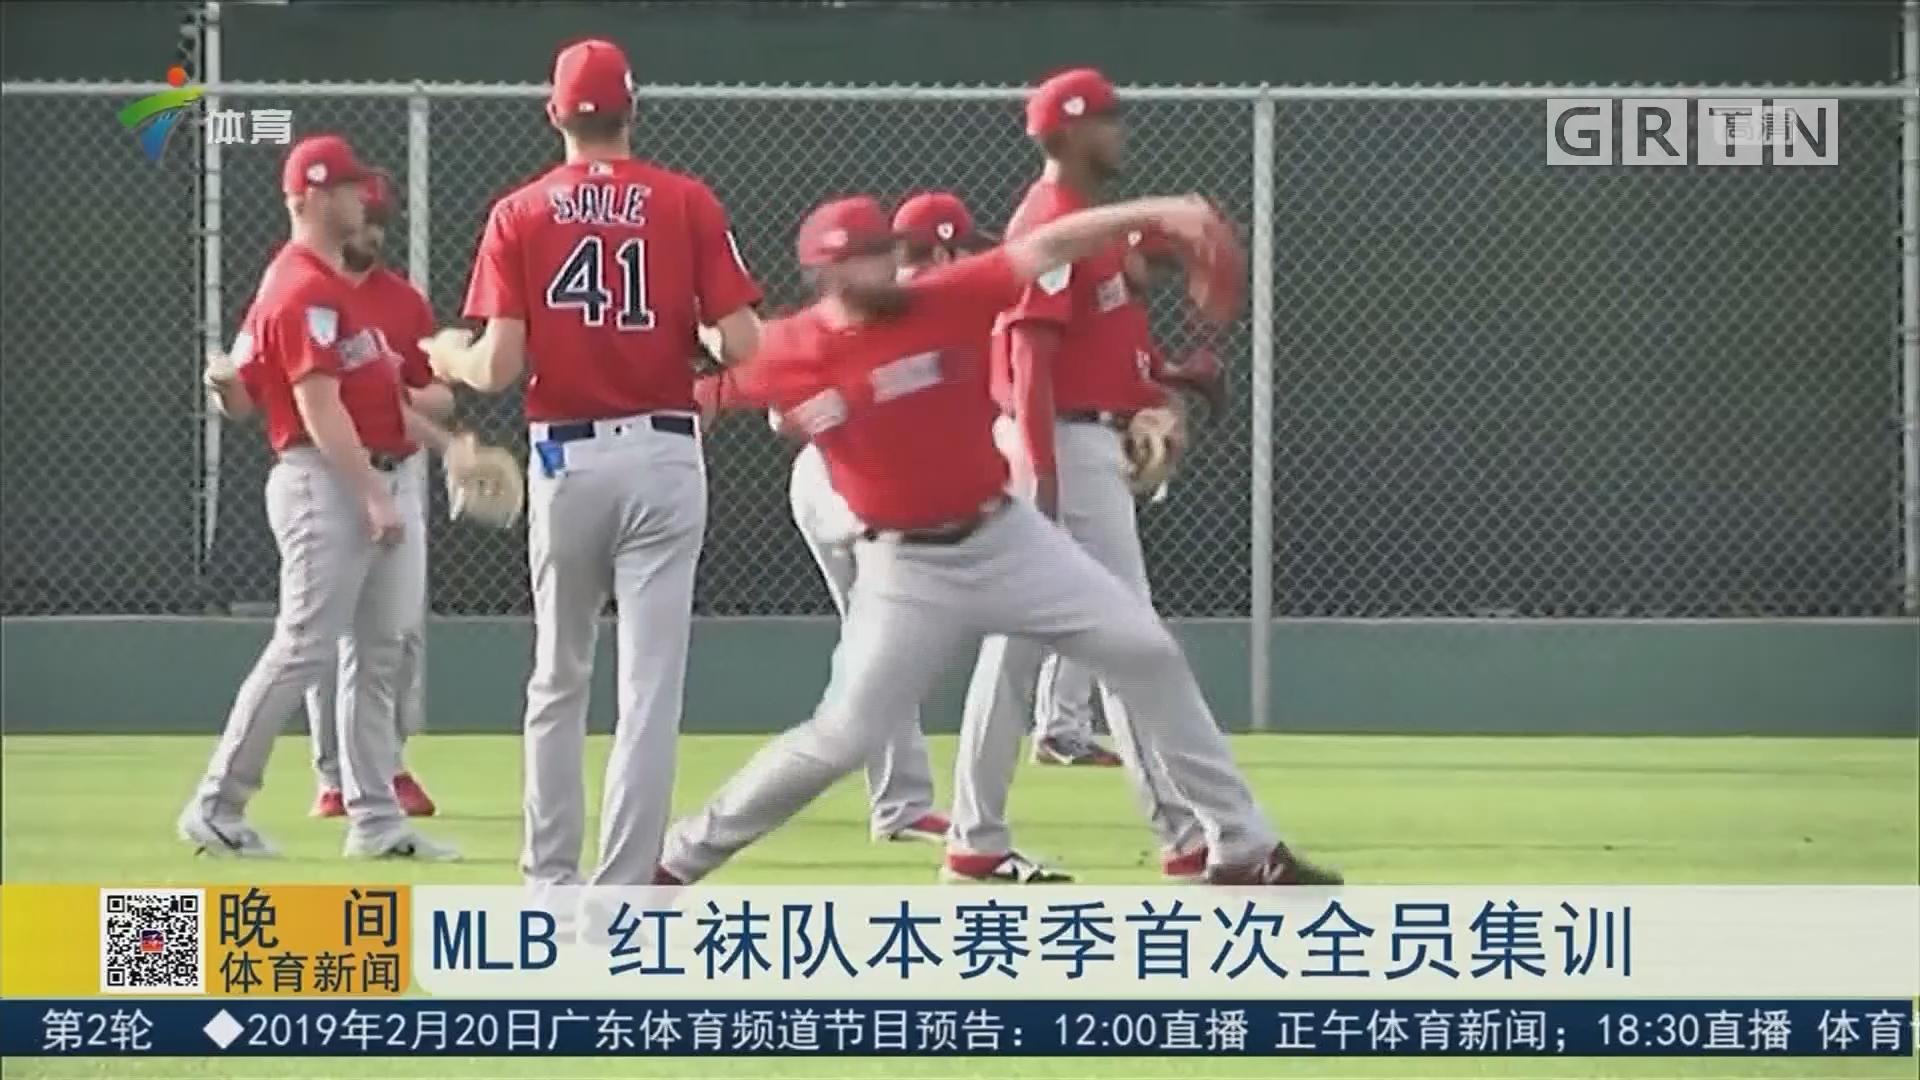 MLB 红袜队本赛季首次全员集训